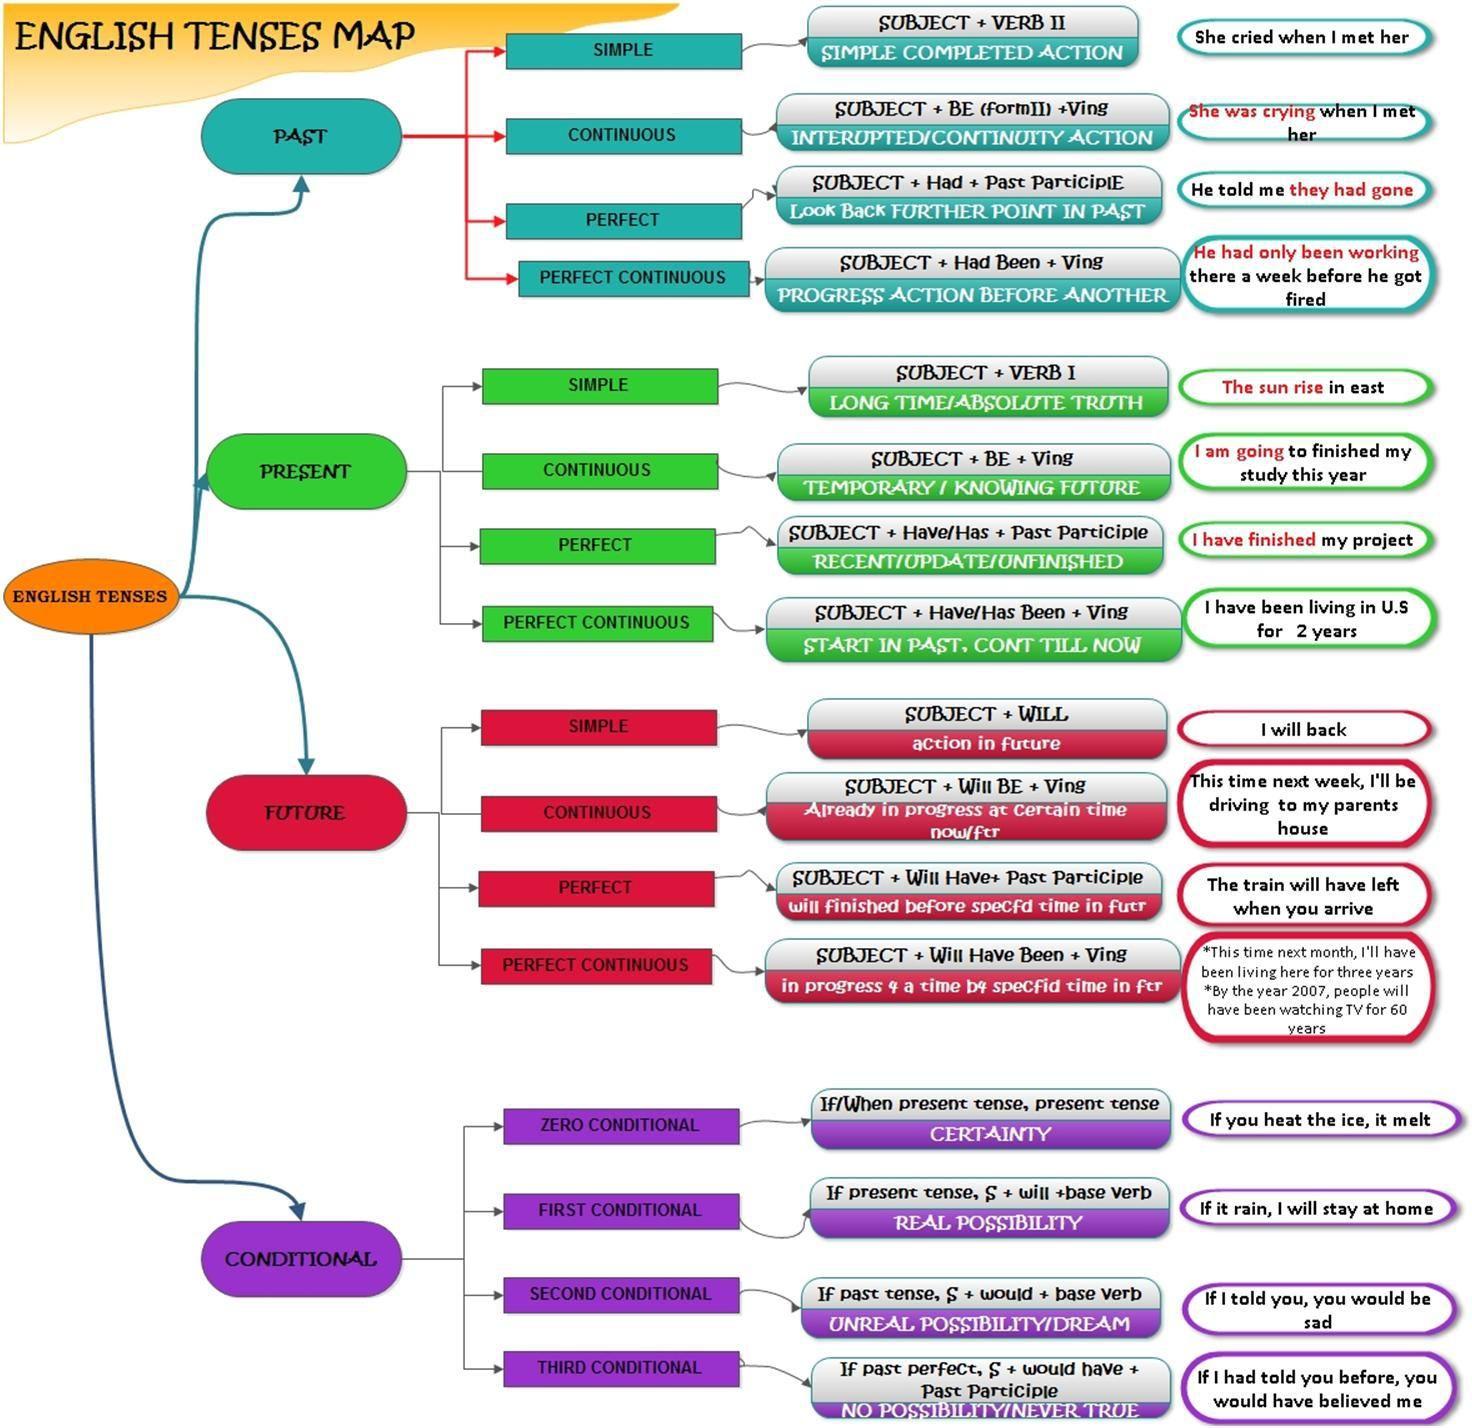 English tenses map grammar pinterest english english grammar english tenses timeline when to use which englische grammatik wann nutze ich welche zeit ccuart Images